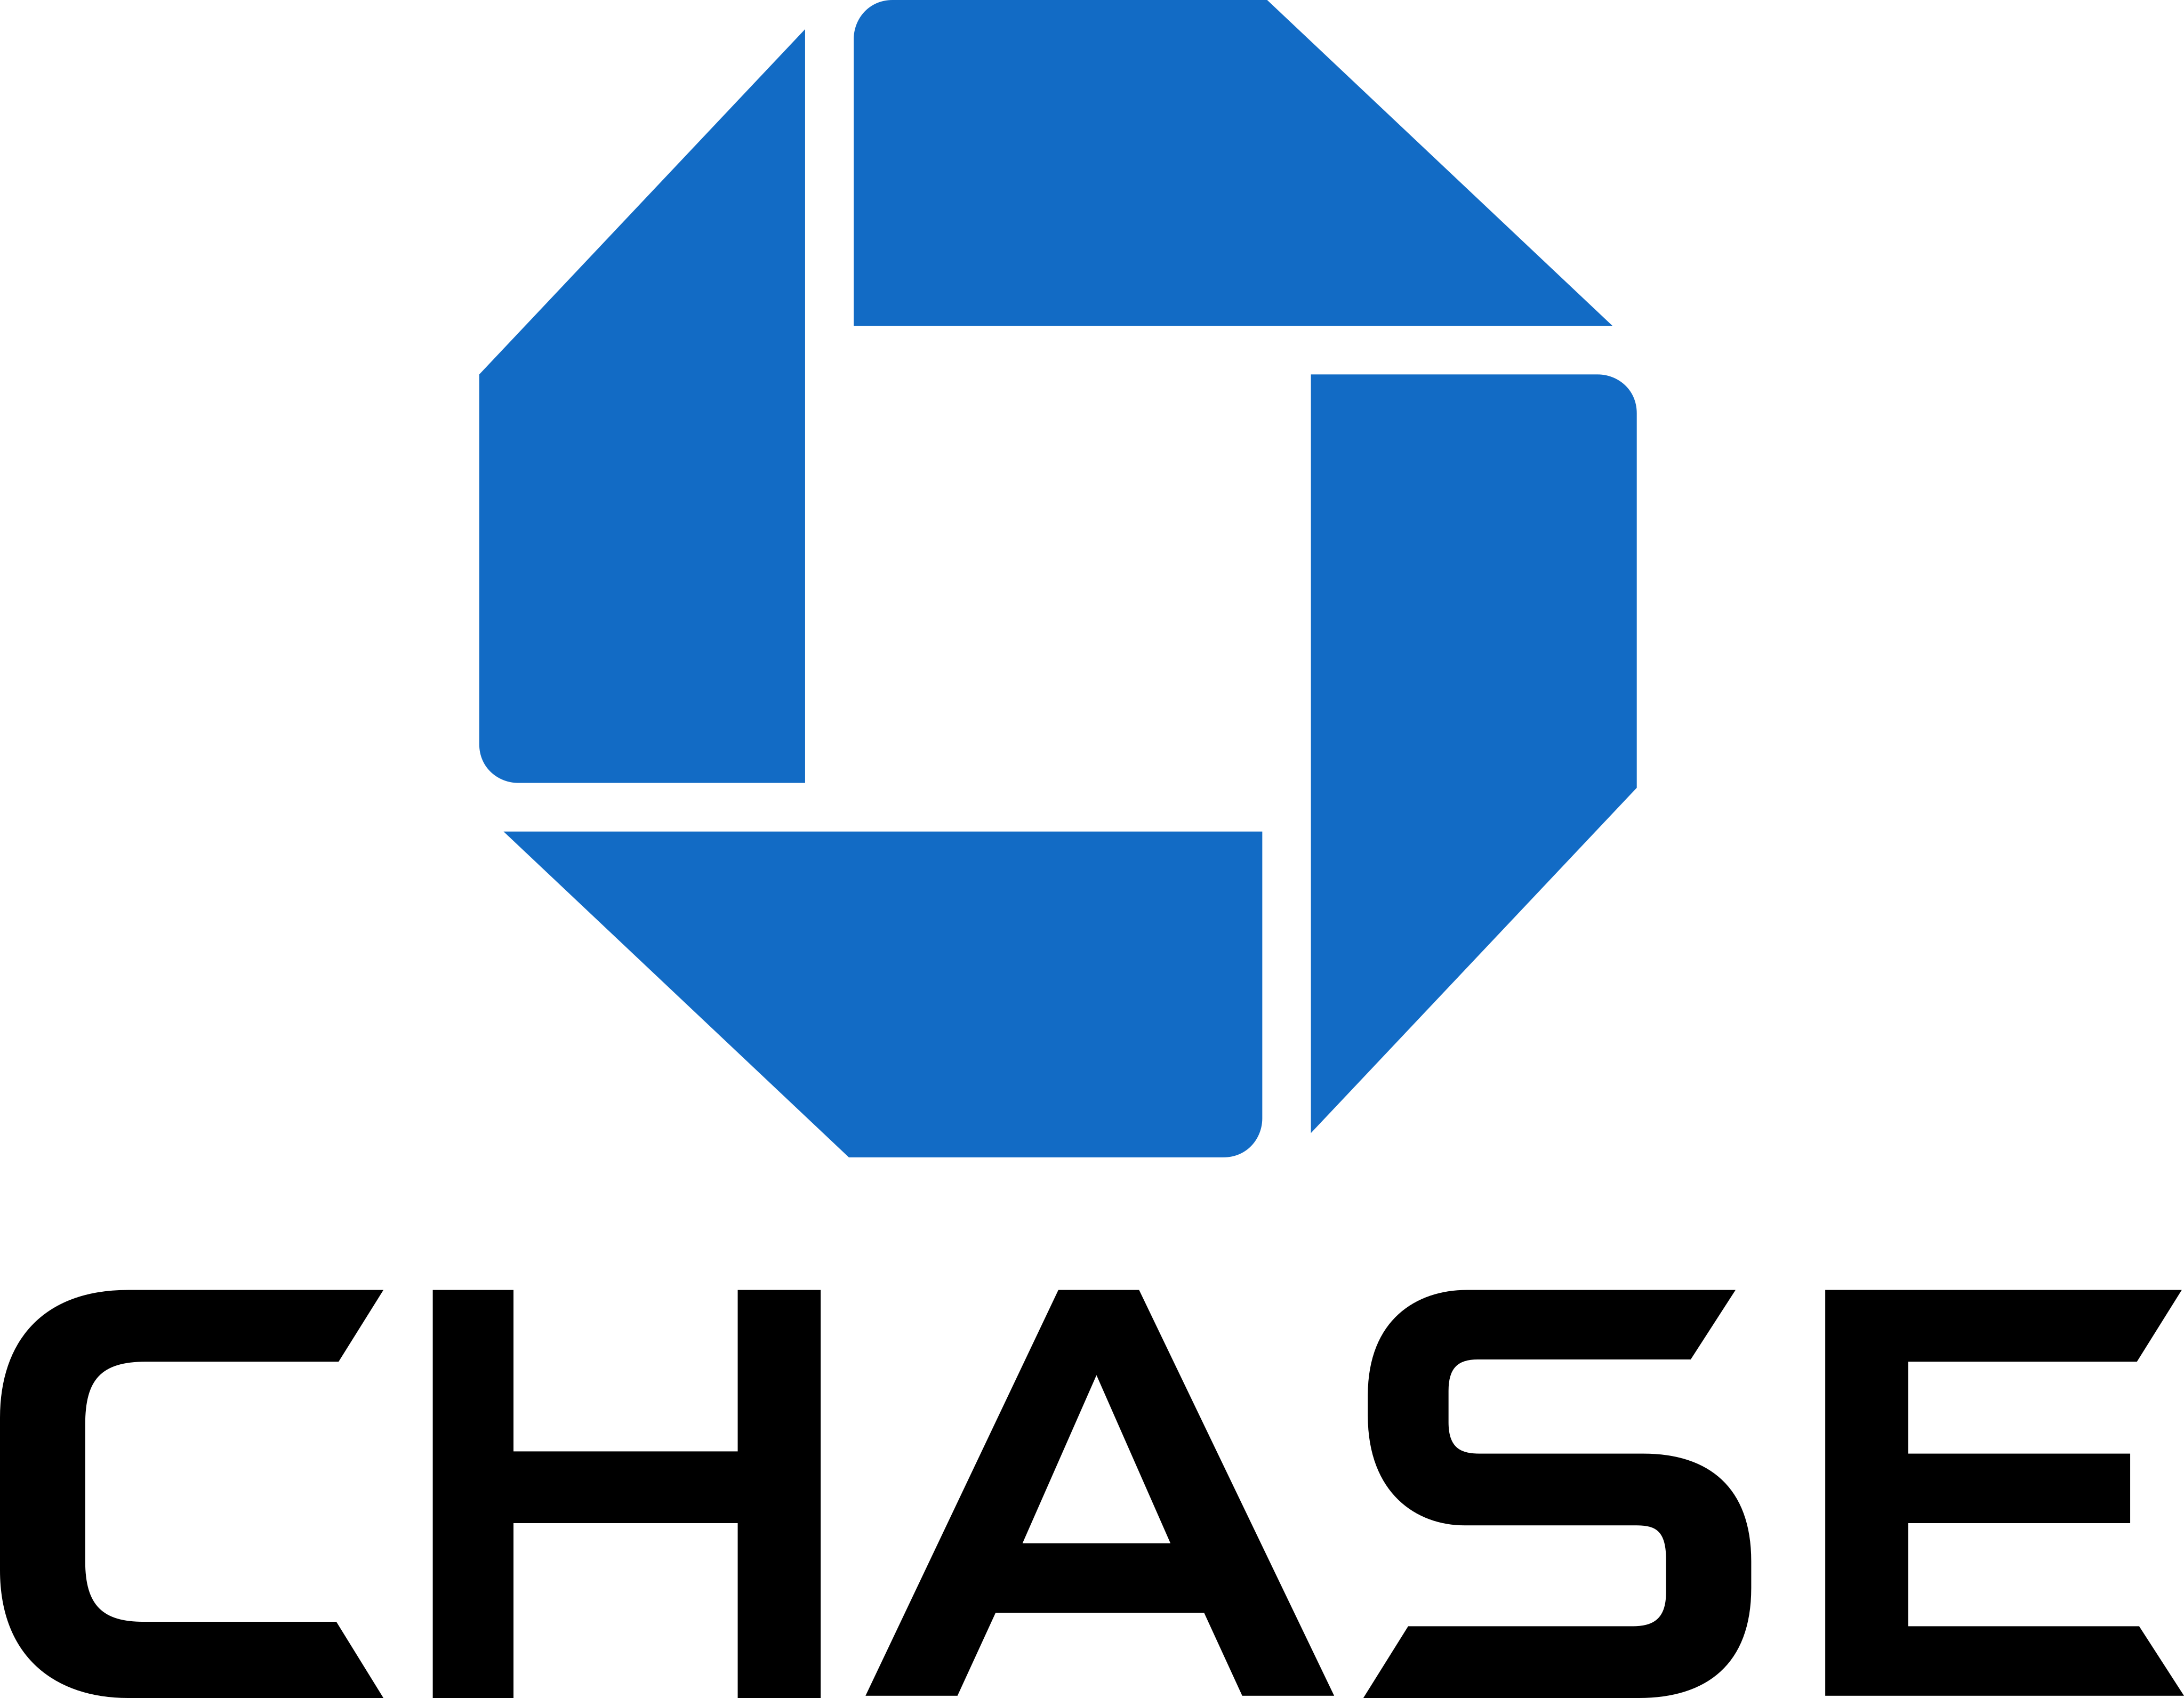 chase logo 1 - Chase Logo